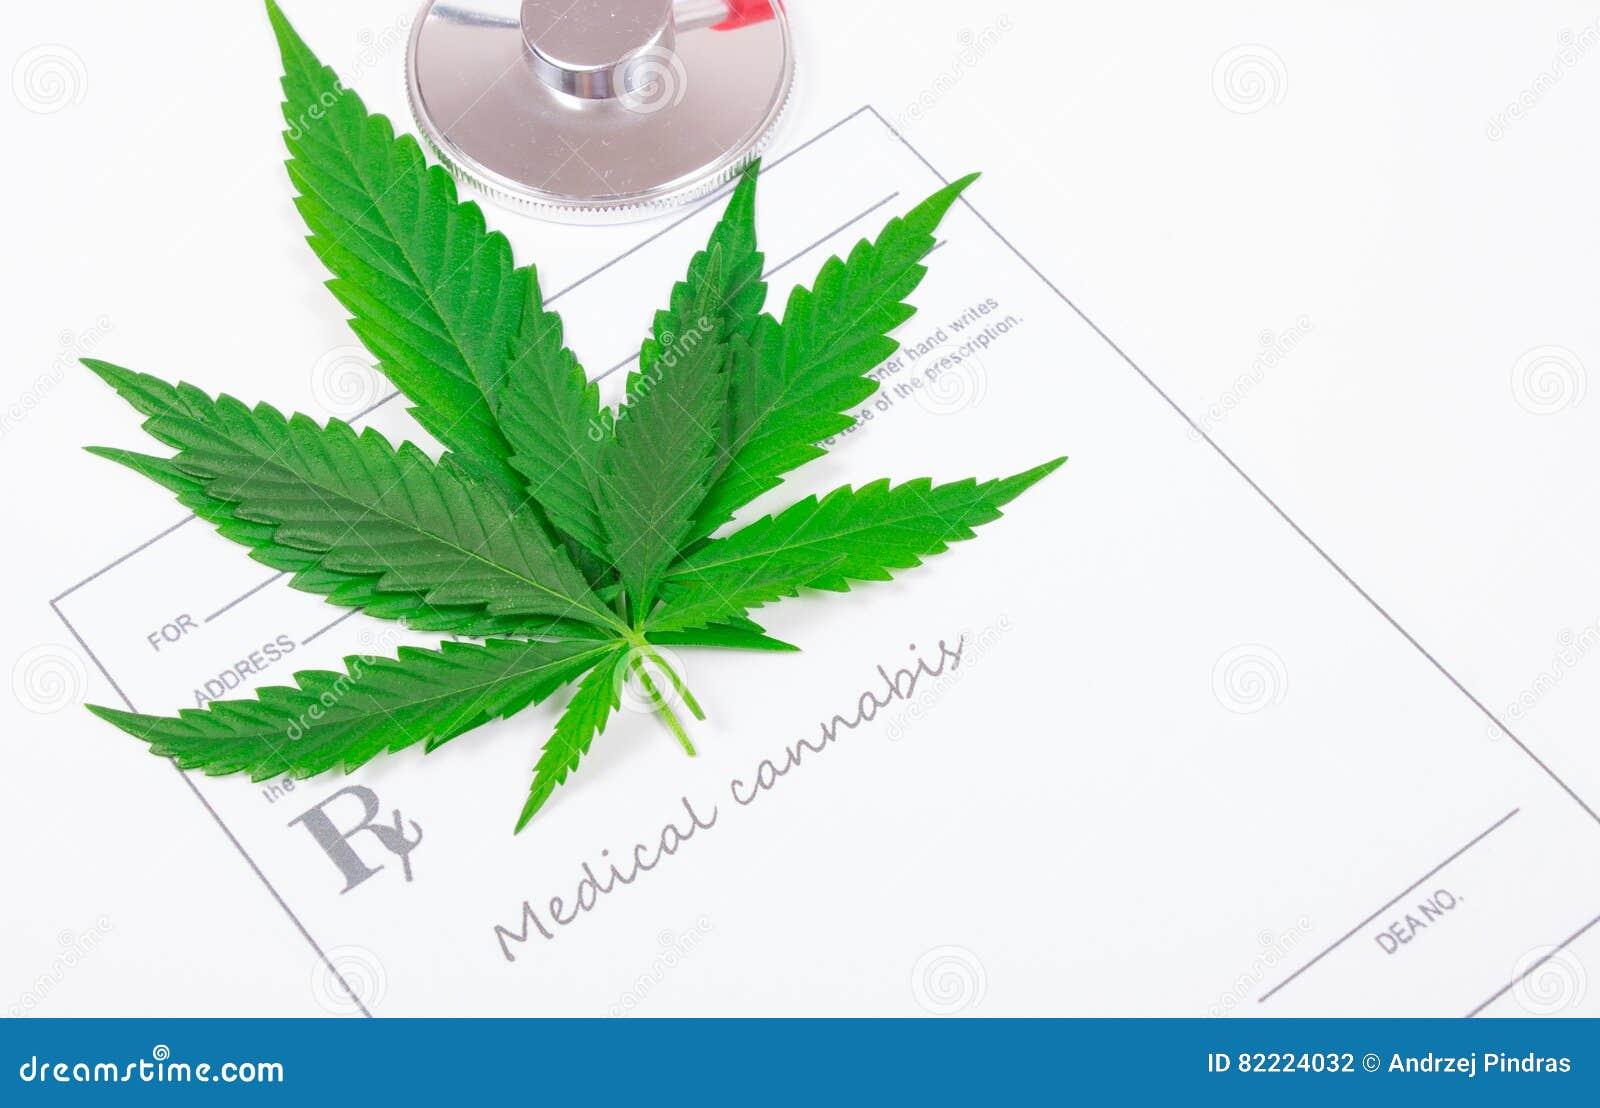 Рецепт с марихуаной марихуана аватарки в вк